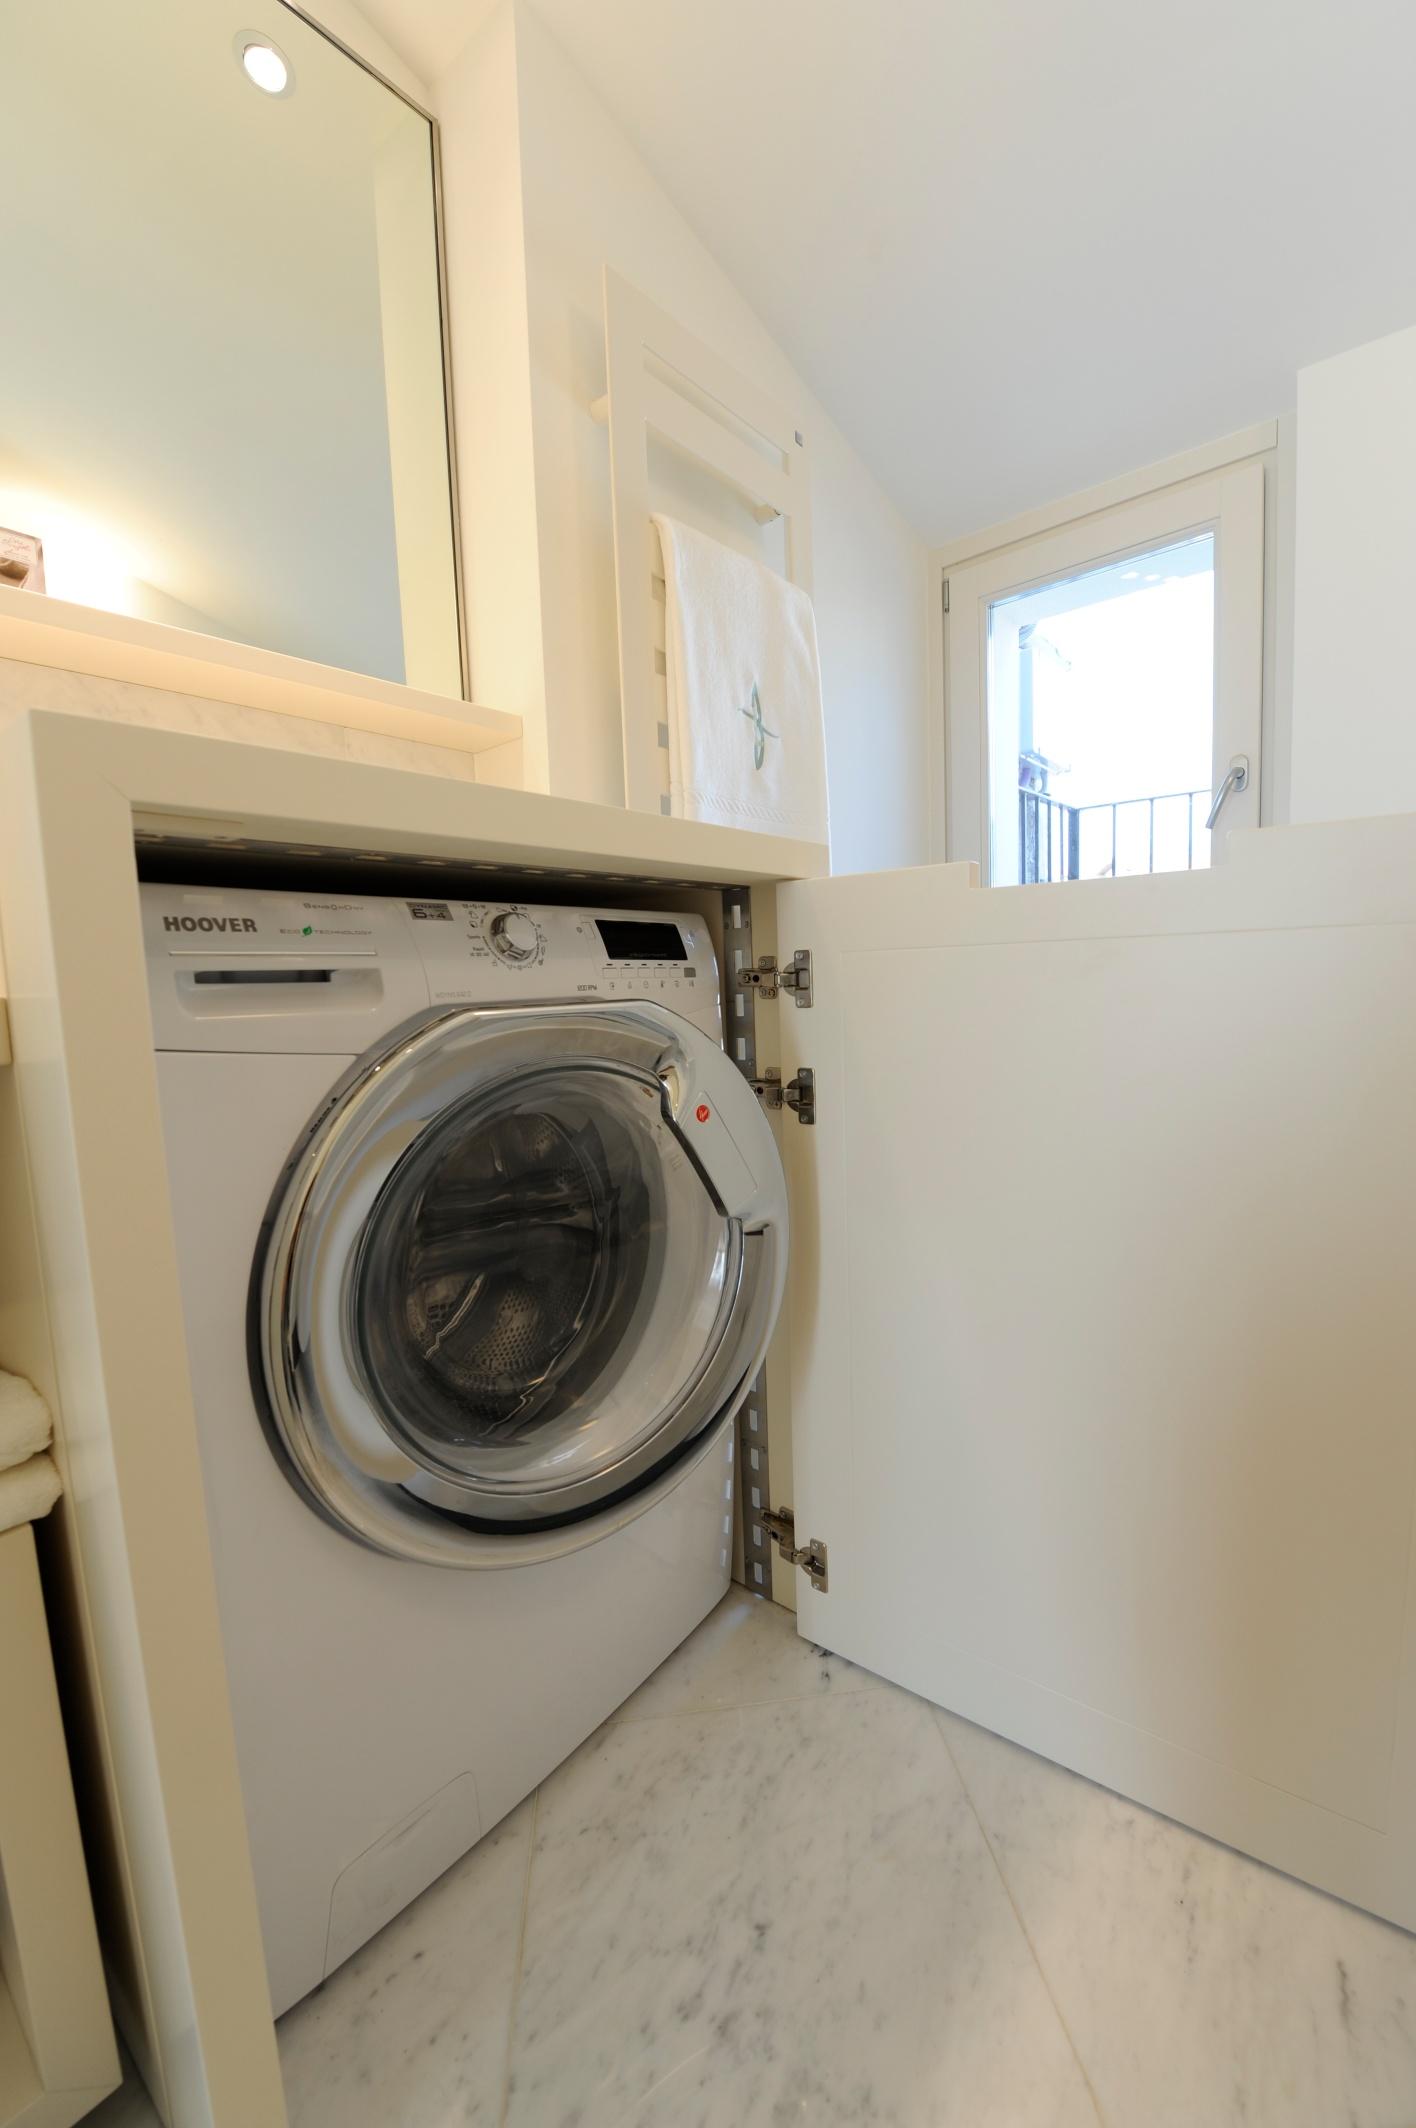 Color bronzo per pareti - Mobile lavatrice ...